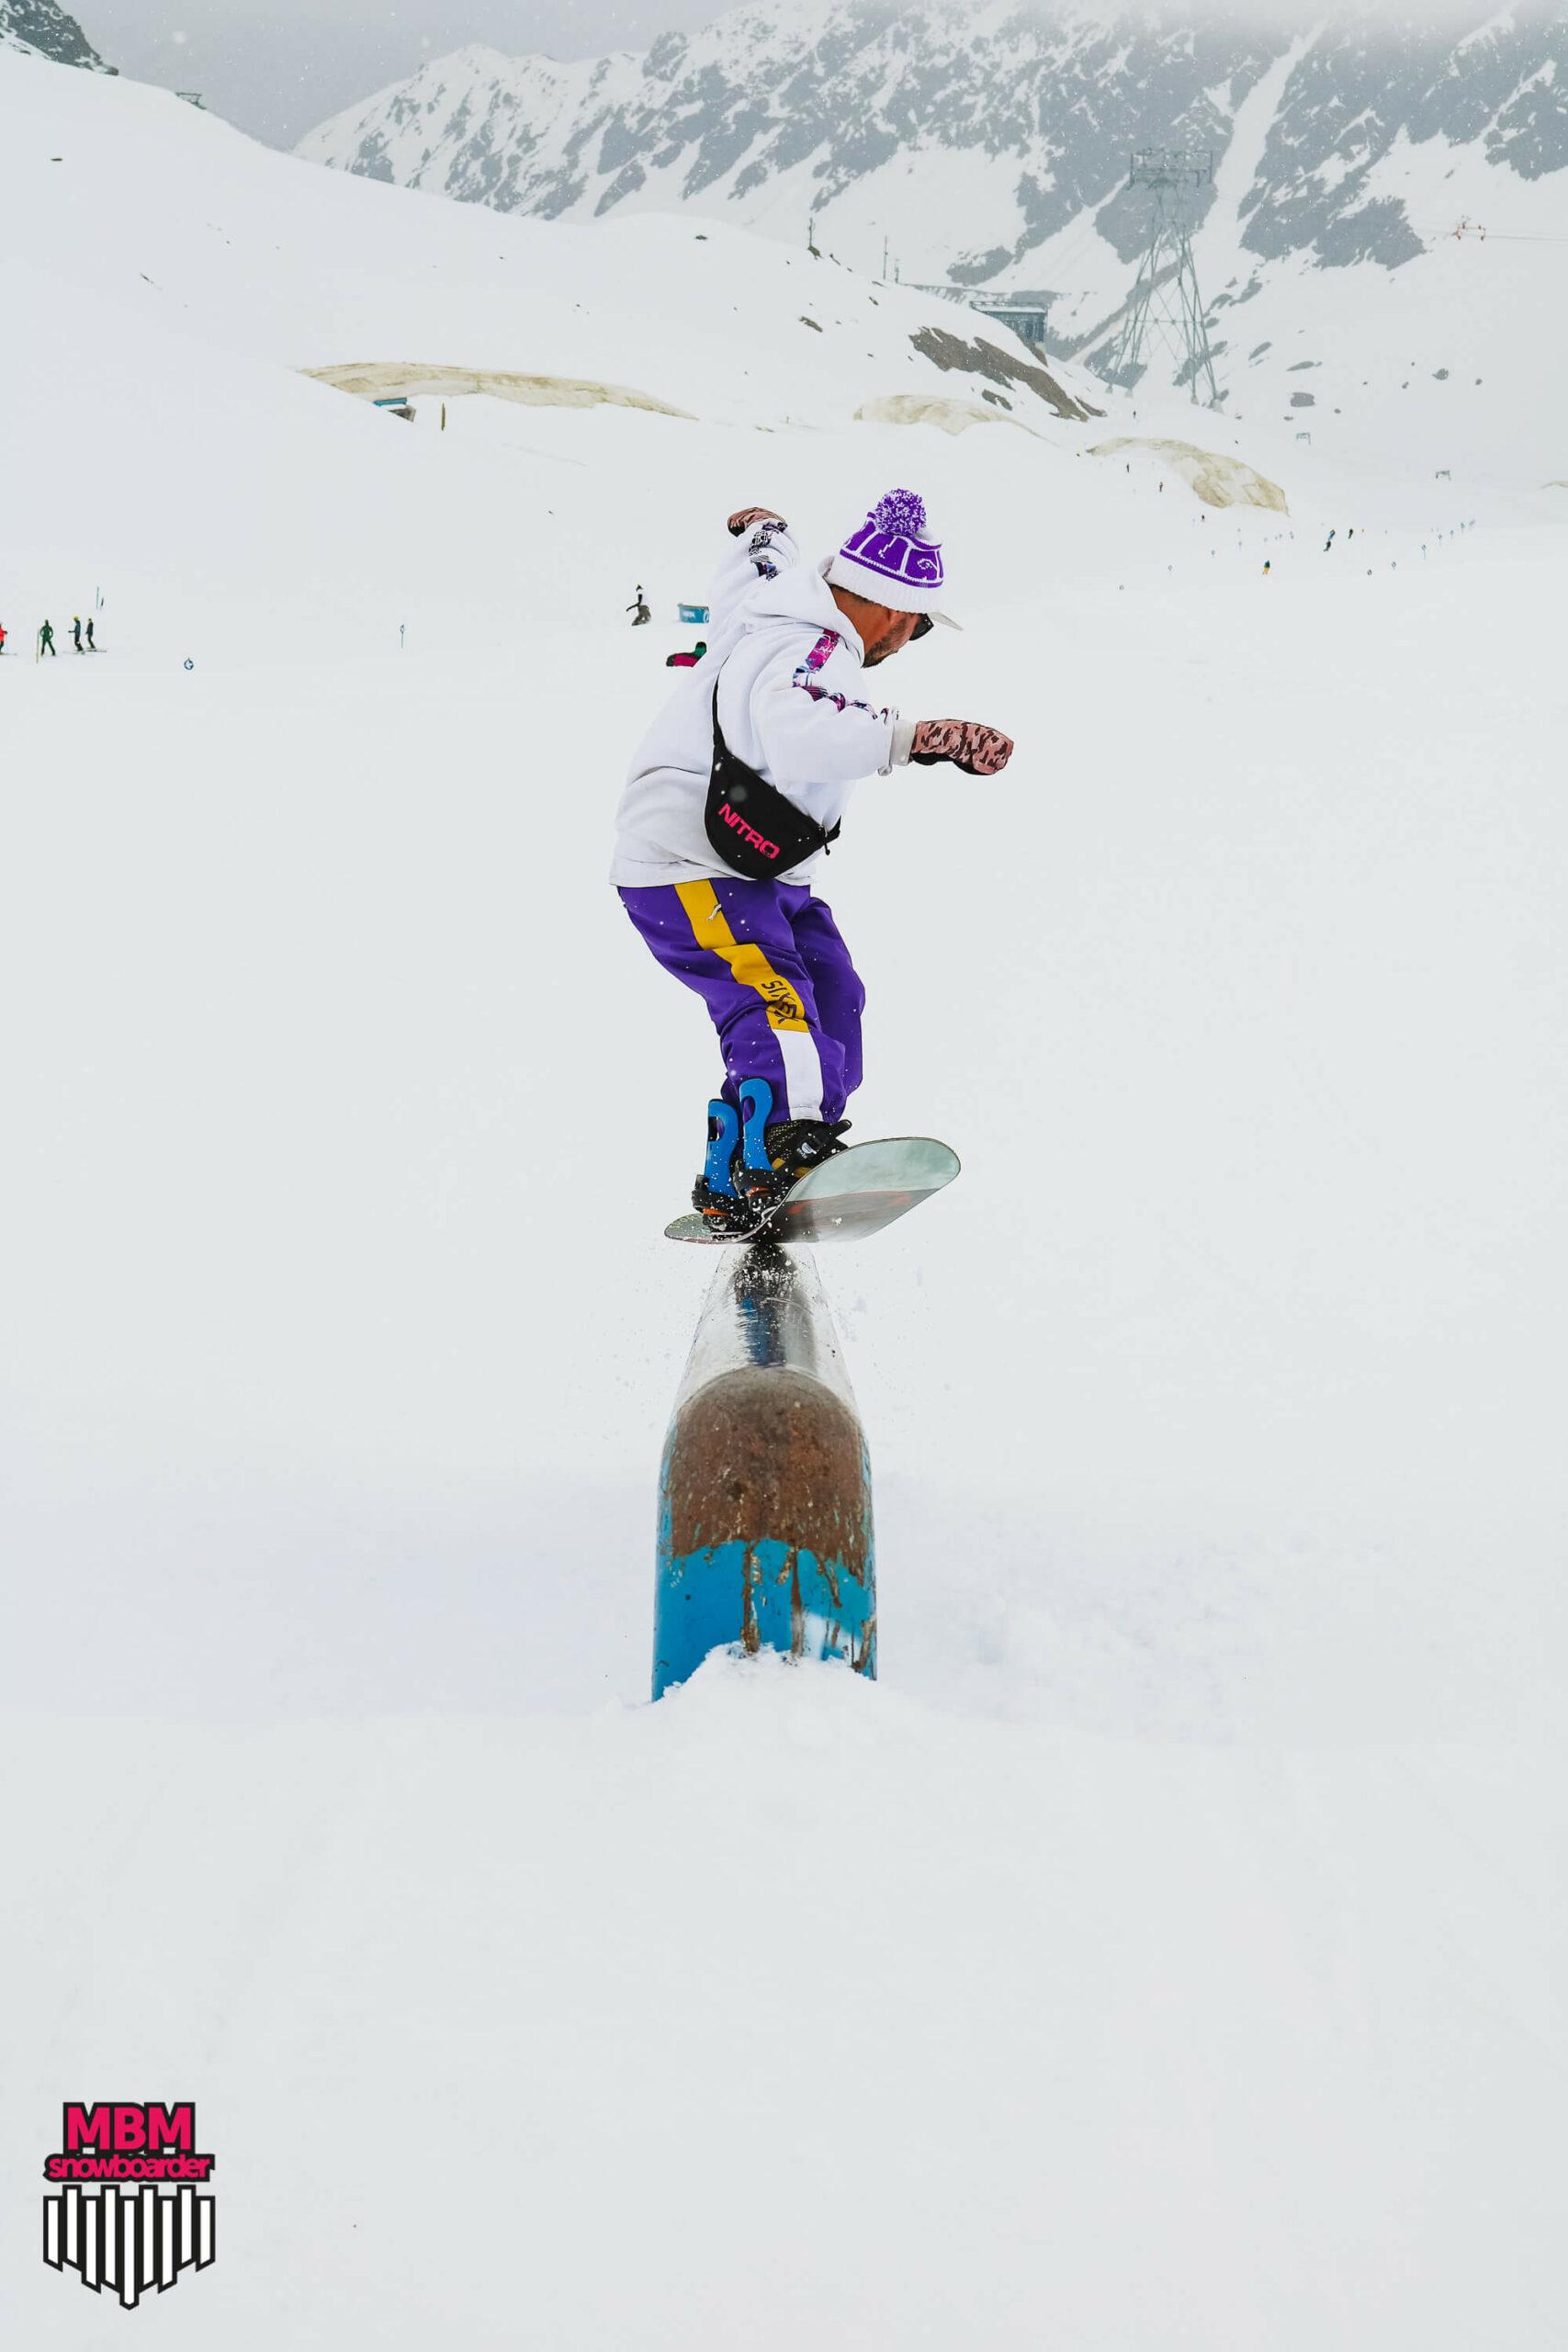 snowboarderMBM_sd_kaunertal_116